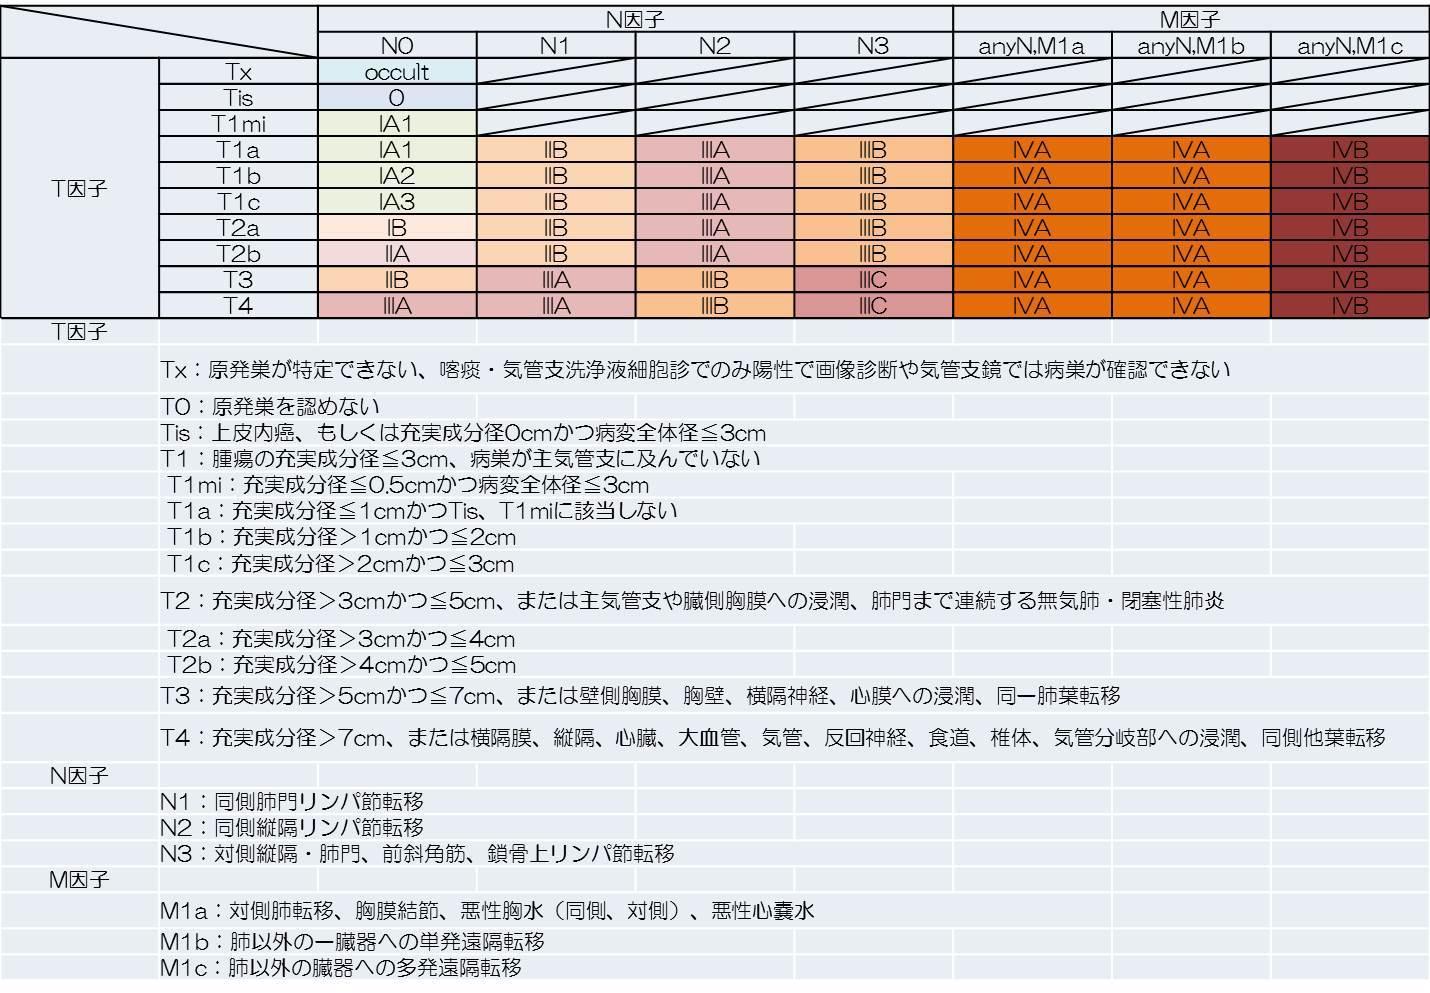 大分での肺がん診療:TNM病期分類...